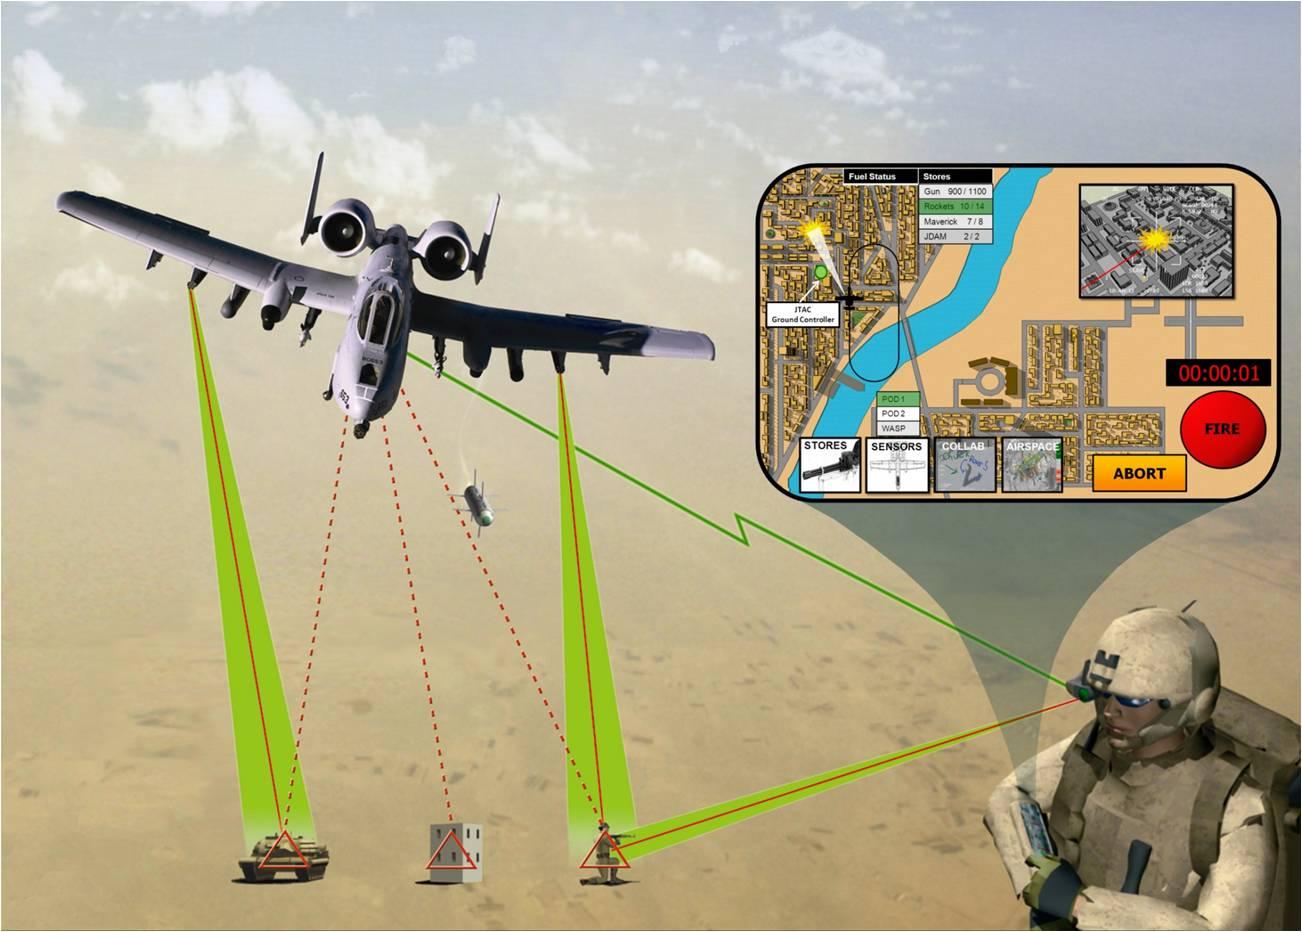 Android-планшет станет основой для песрпективной военной технологии, похожей на видеоигру